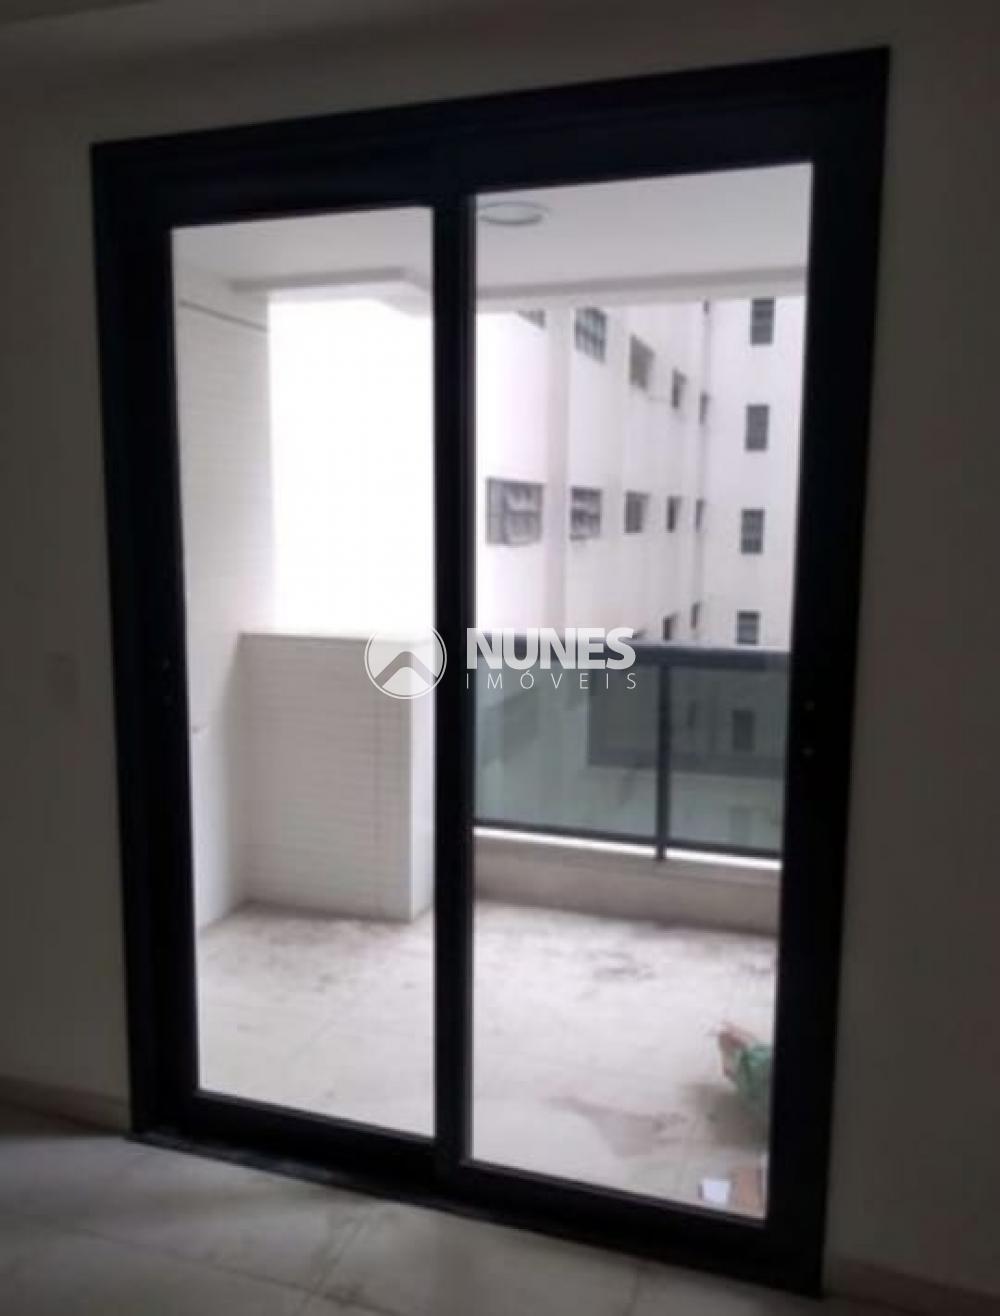 Alugar Apartamento / Padrão em São Paulo R$ 1.900,00 - Foto 7